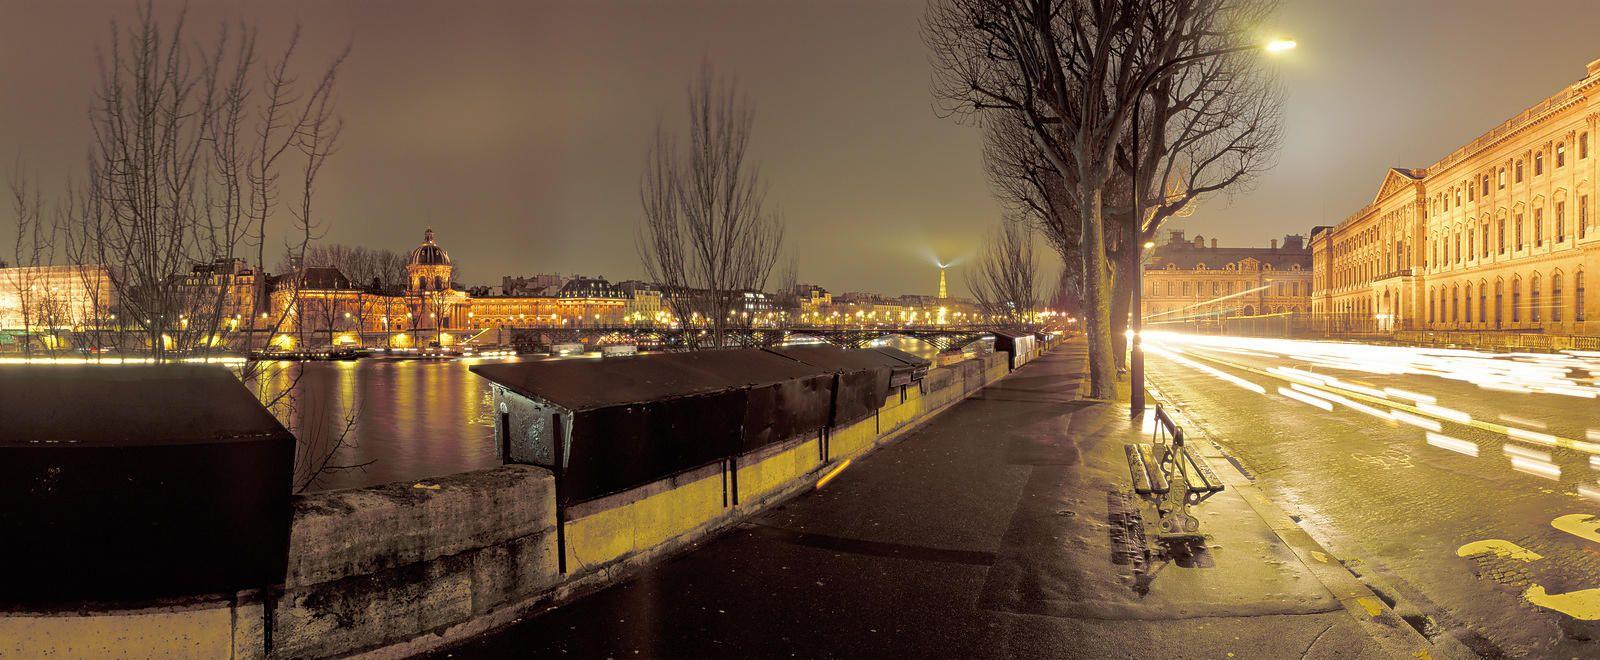 Quai du Louvre de nuit, Paris